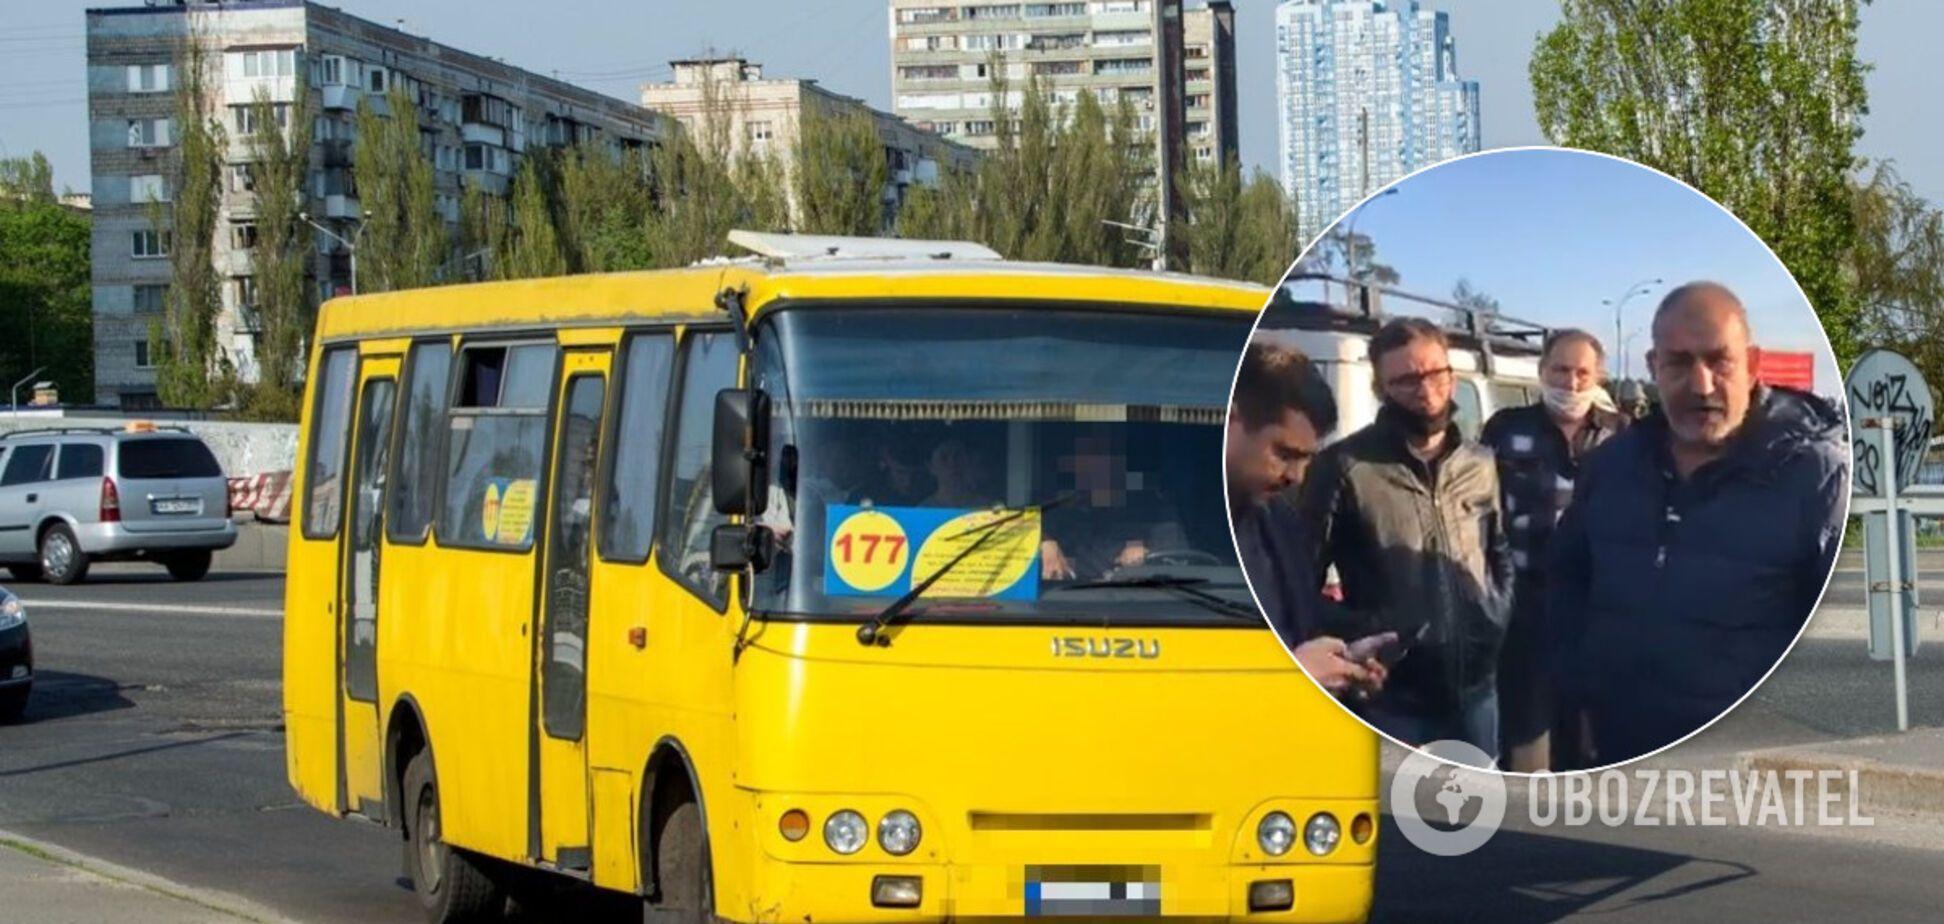 В Киеве водитель обматерил жену погибшего воина ВСУ: его пообещали уволить. Видео